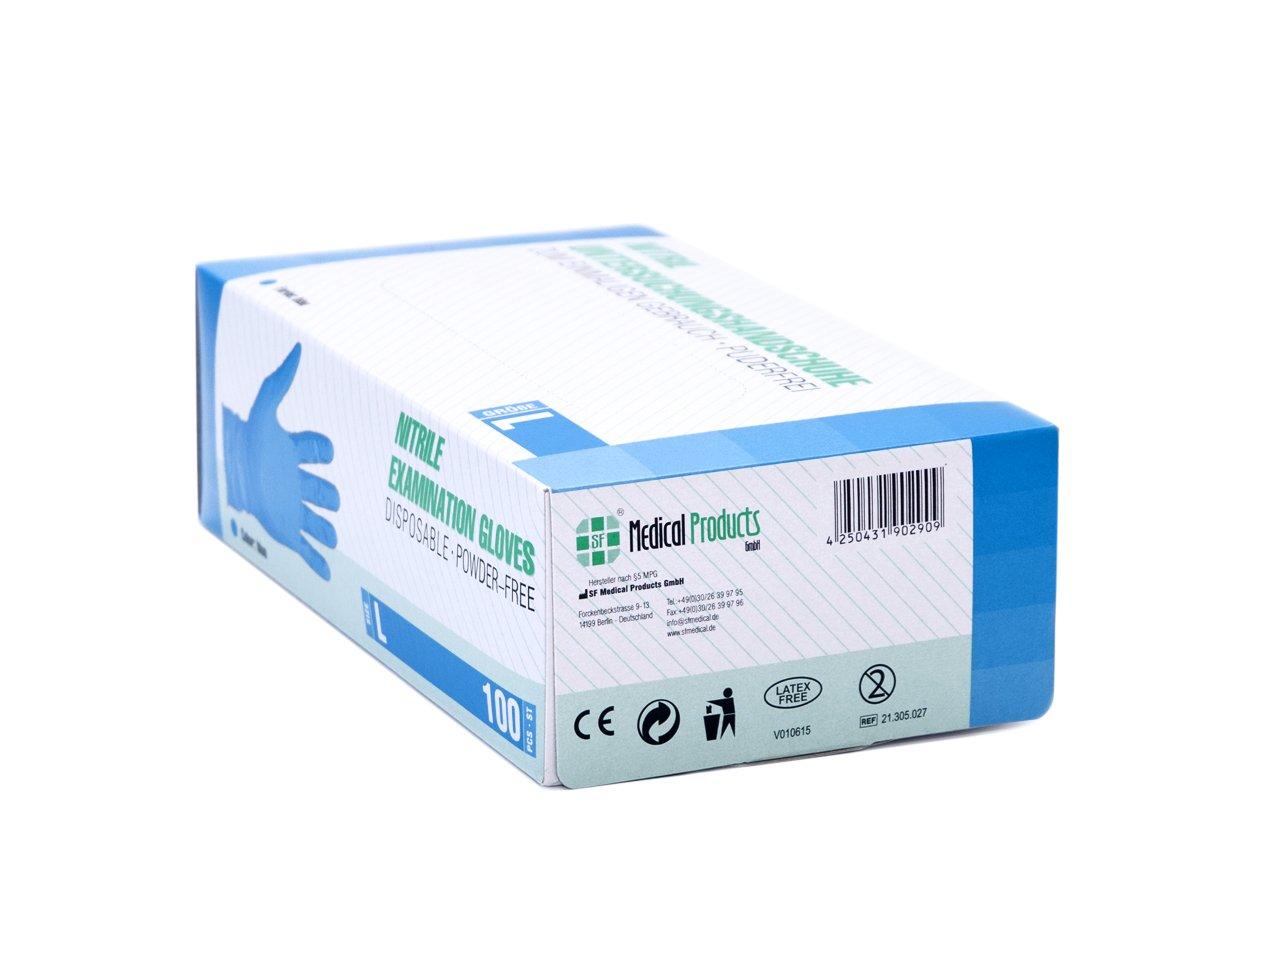 wie die Lebensmittelindustrie Einweghandschuh 100 St/ück Nitril-Einzelhandschuhe wei/ß in einer praktischen Spenderbox Ideal f/ür Hygienebereiche BLACK, L